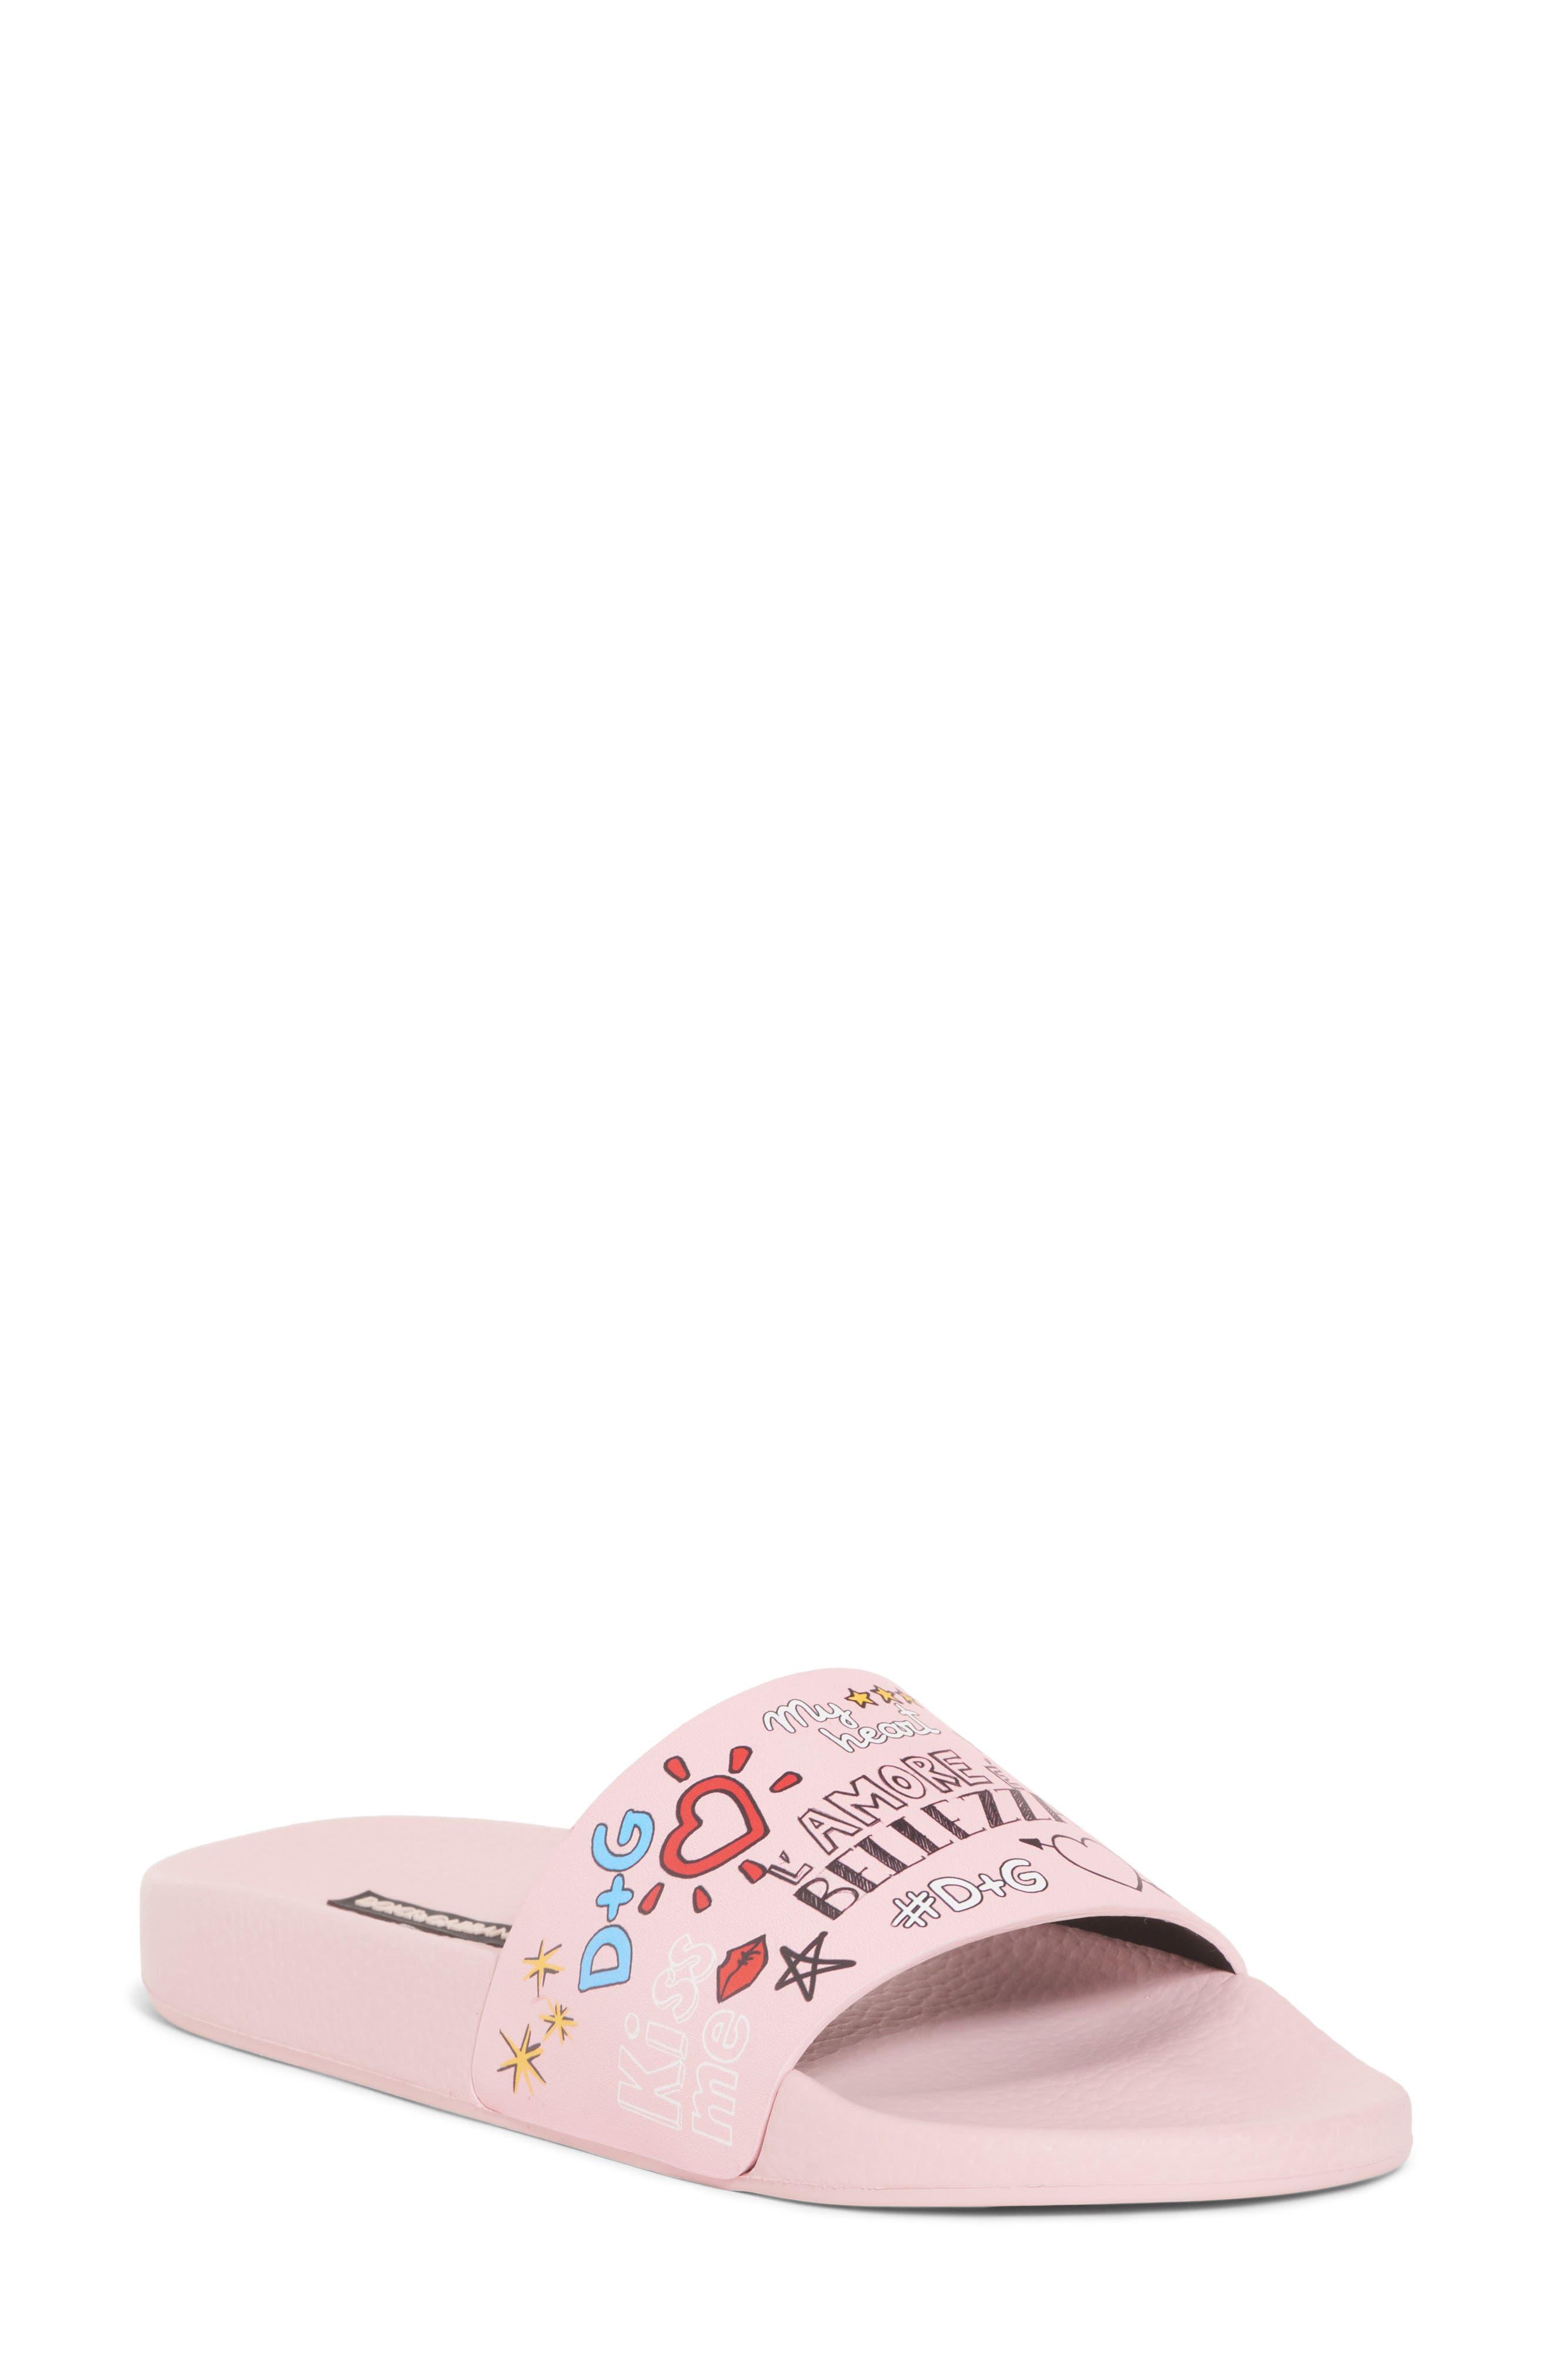 Dolce&Gabbana Mural Graffiti Slide Sandal (Women)